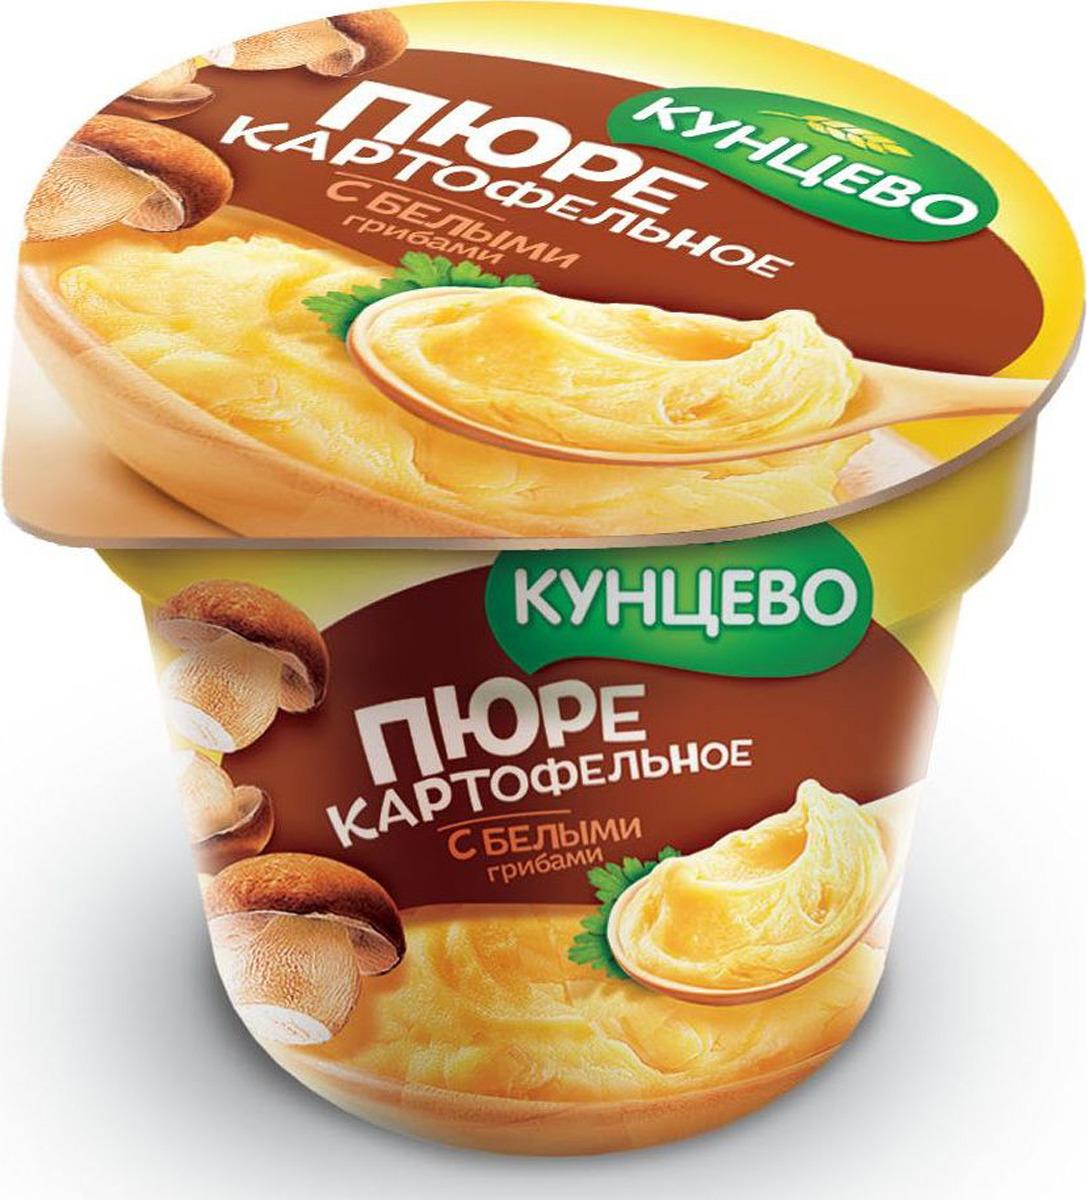 Пюре быстрого приготовления Кунцево, с белыми грибами, стакан, 40 г пюре podravka картофельное